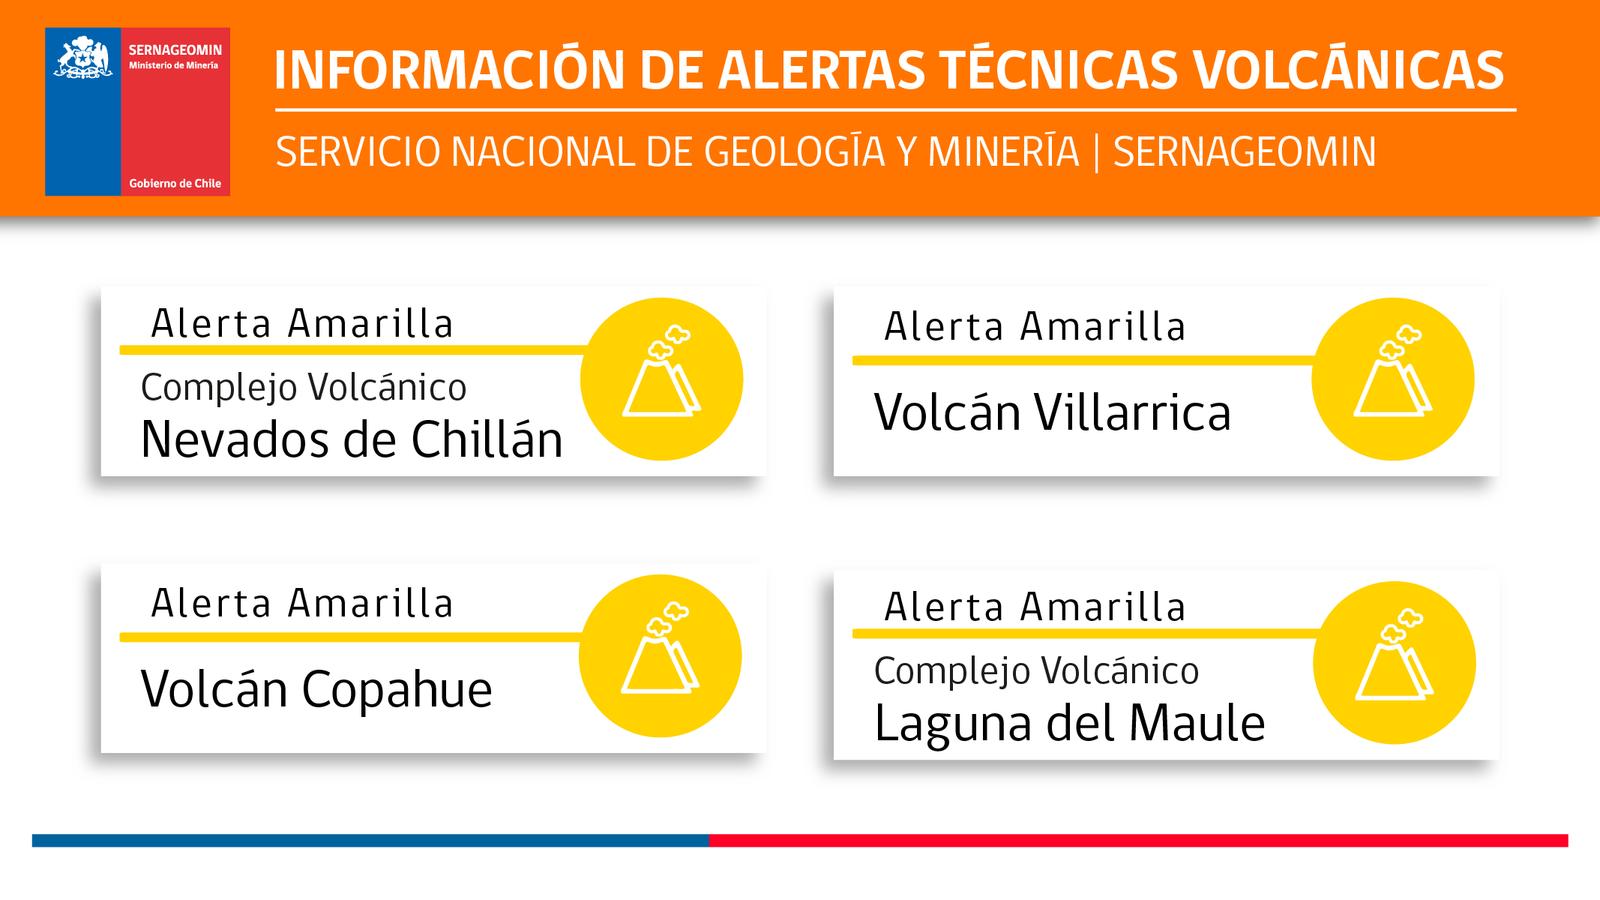 Activité du Copahue, du complexe Laguna del Maule, du Veniaminof et séismes  au large de Raoul island.